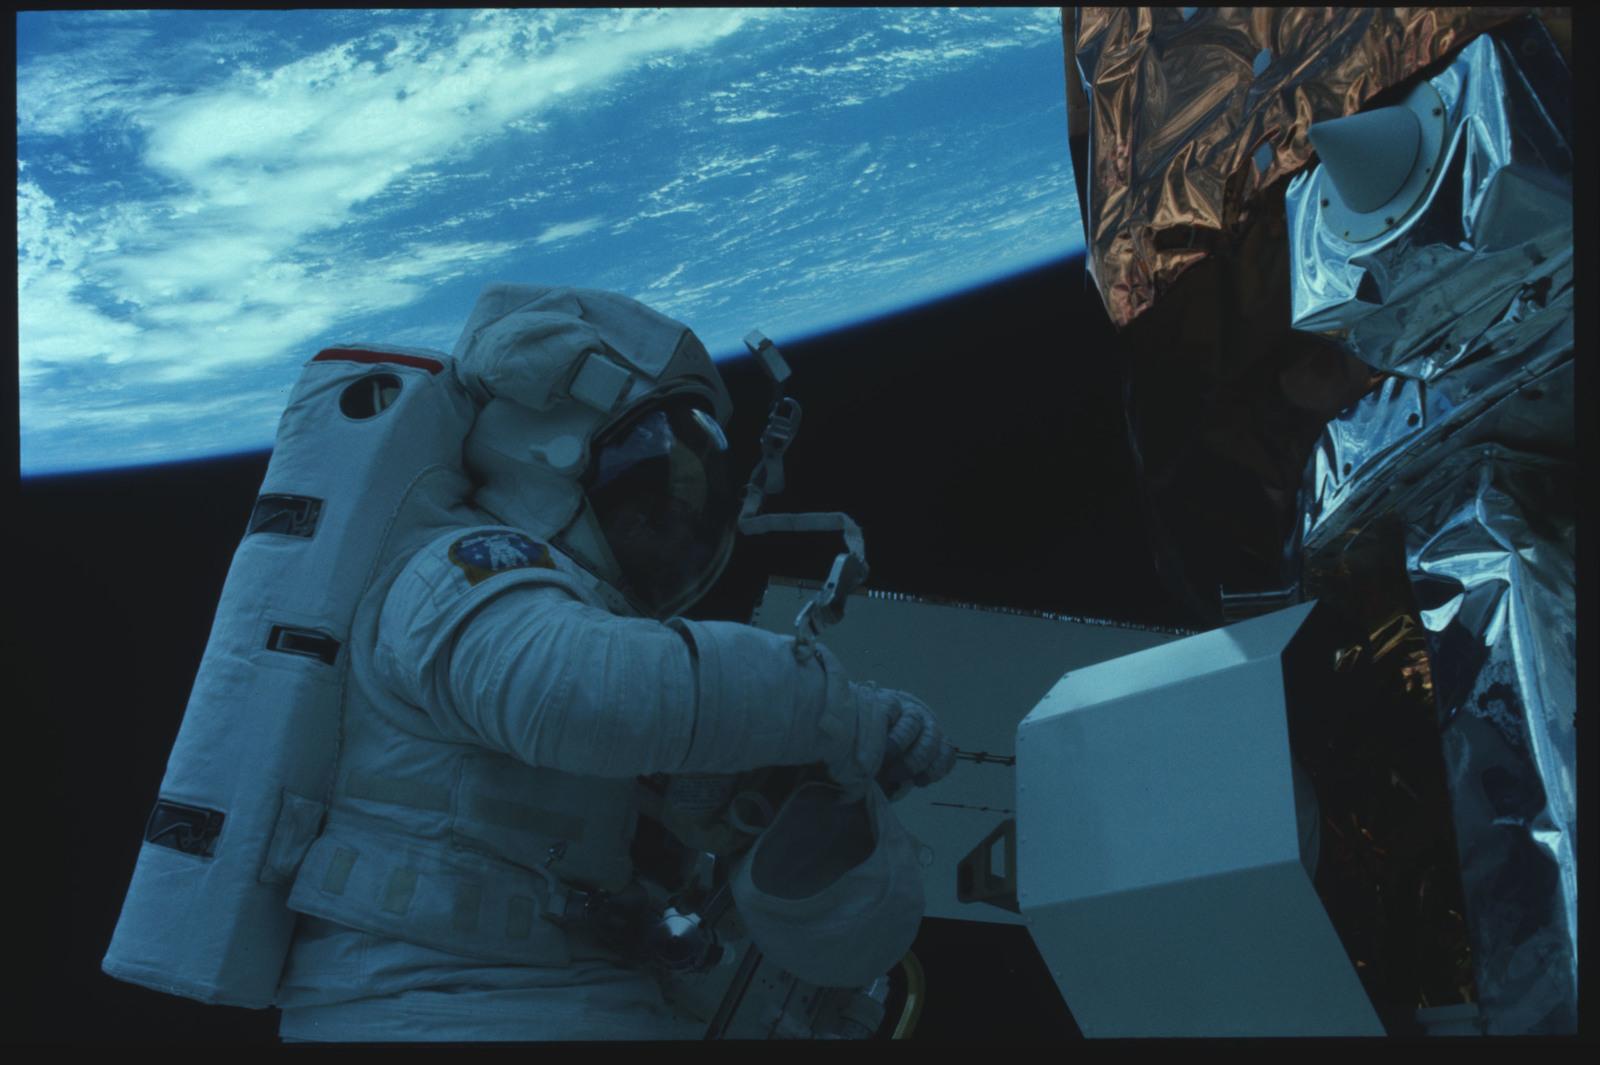 41C-22-918 - STS-41C - EVA to repair the SMM satellite